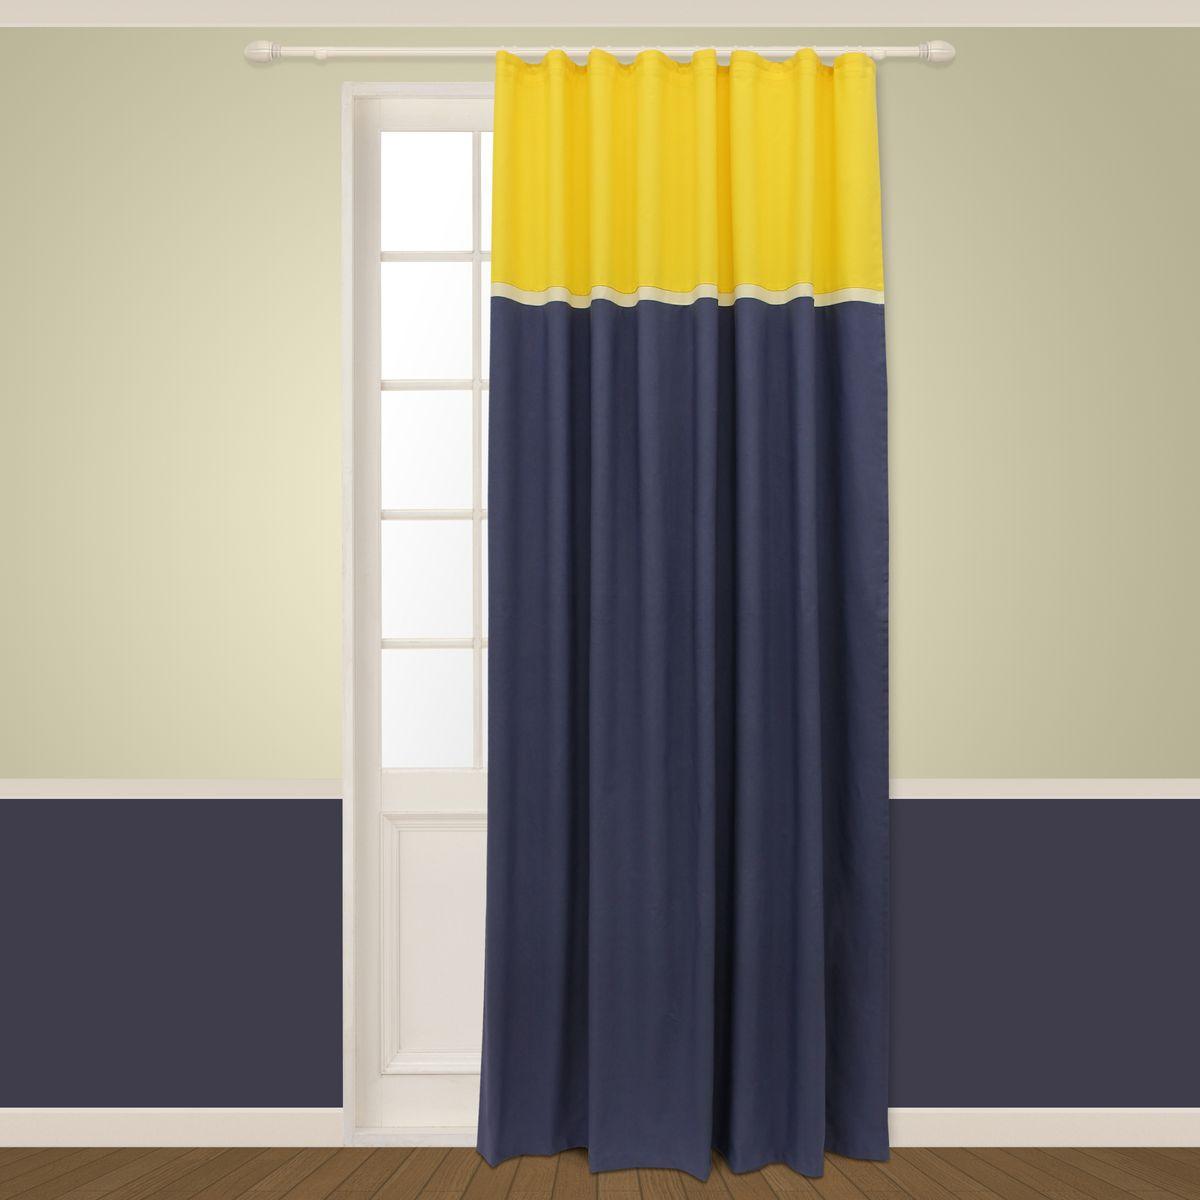 Штора Sanpa Home Collection Меланта, на ленте, цвет: желтый, синий, высота 260 смSVC-300Штора Меланта в двухцветном исполнении изготовлена из хлопка.Шторы - это немаловажный, но всё же аксессуар в вашем доме, поэтому их стиль нужно подбирать, исходя из дизайна в вашей квартире. Например, тяжелые и выполненные из дорогих тканей шторы прекрасно впишутся в классическую гостиную. А вот для современных стилей могут быть использованы шторы с более простым оформлением. Крепление к карнизу осуществляется при помощи вшитой шторной ленты.